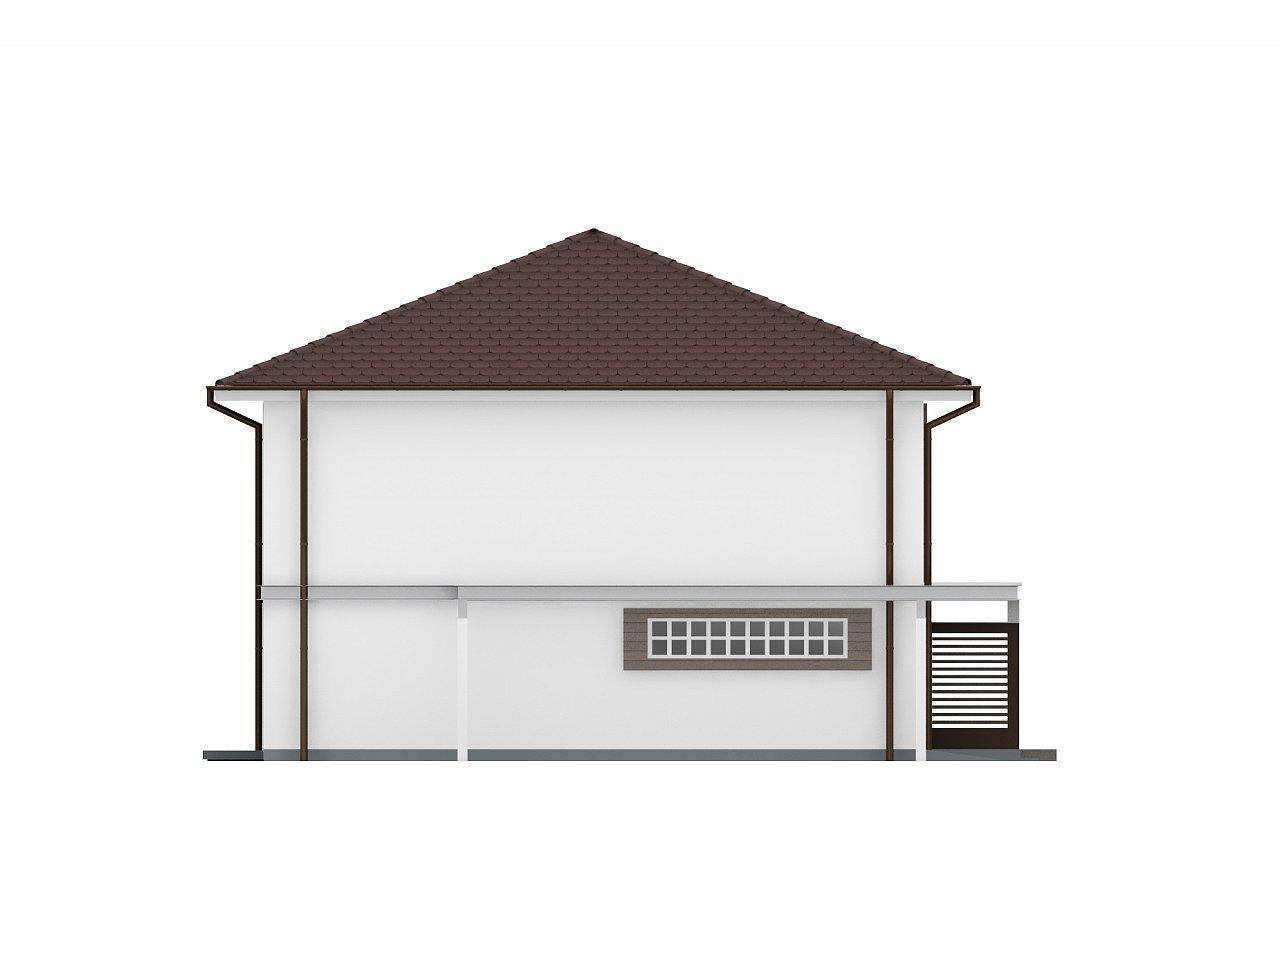 Двухэтажный дом простой формы со вторым светом над гостиной и встроенным гаражом. - фото 5